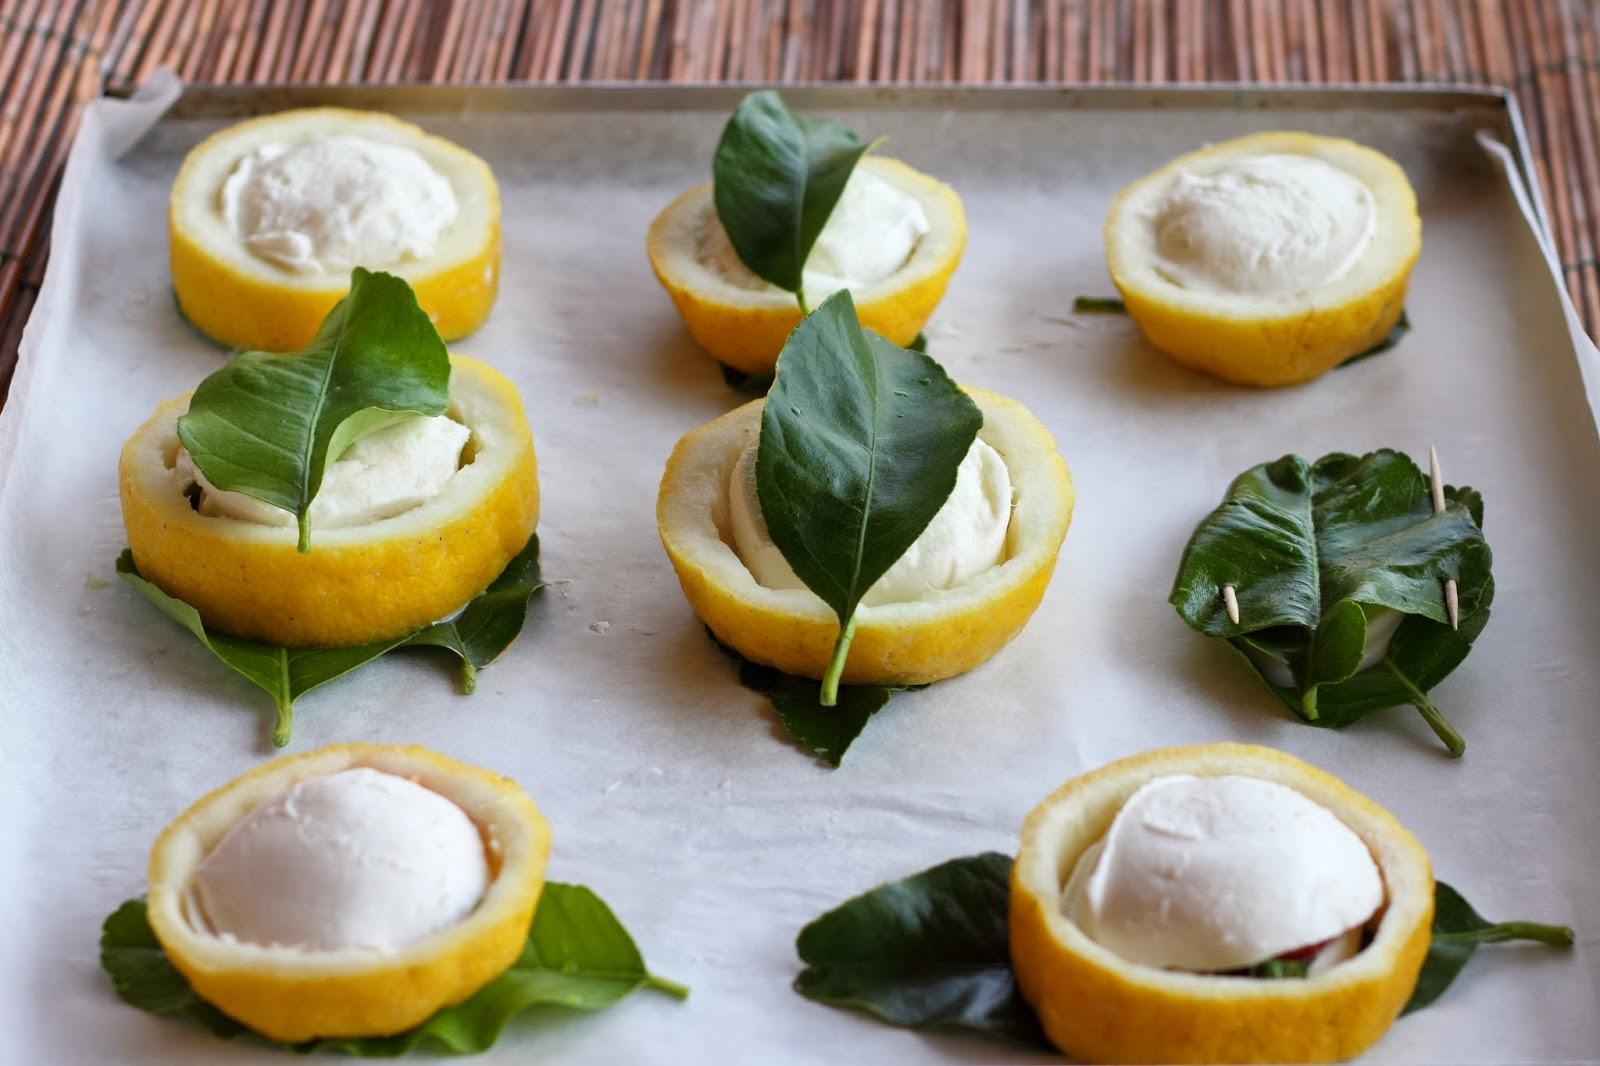 limoni e foglie di limone ripieni di mozzarella